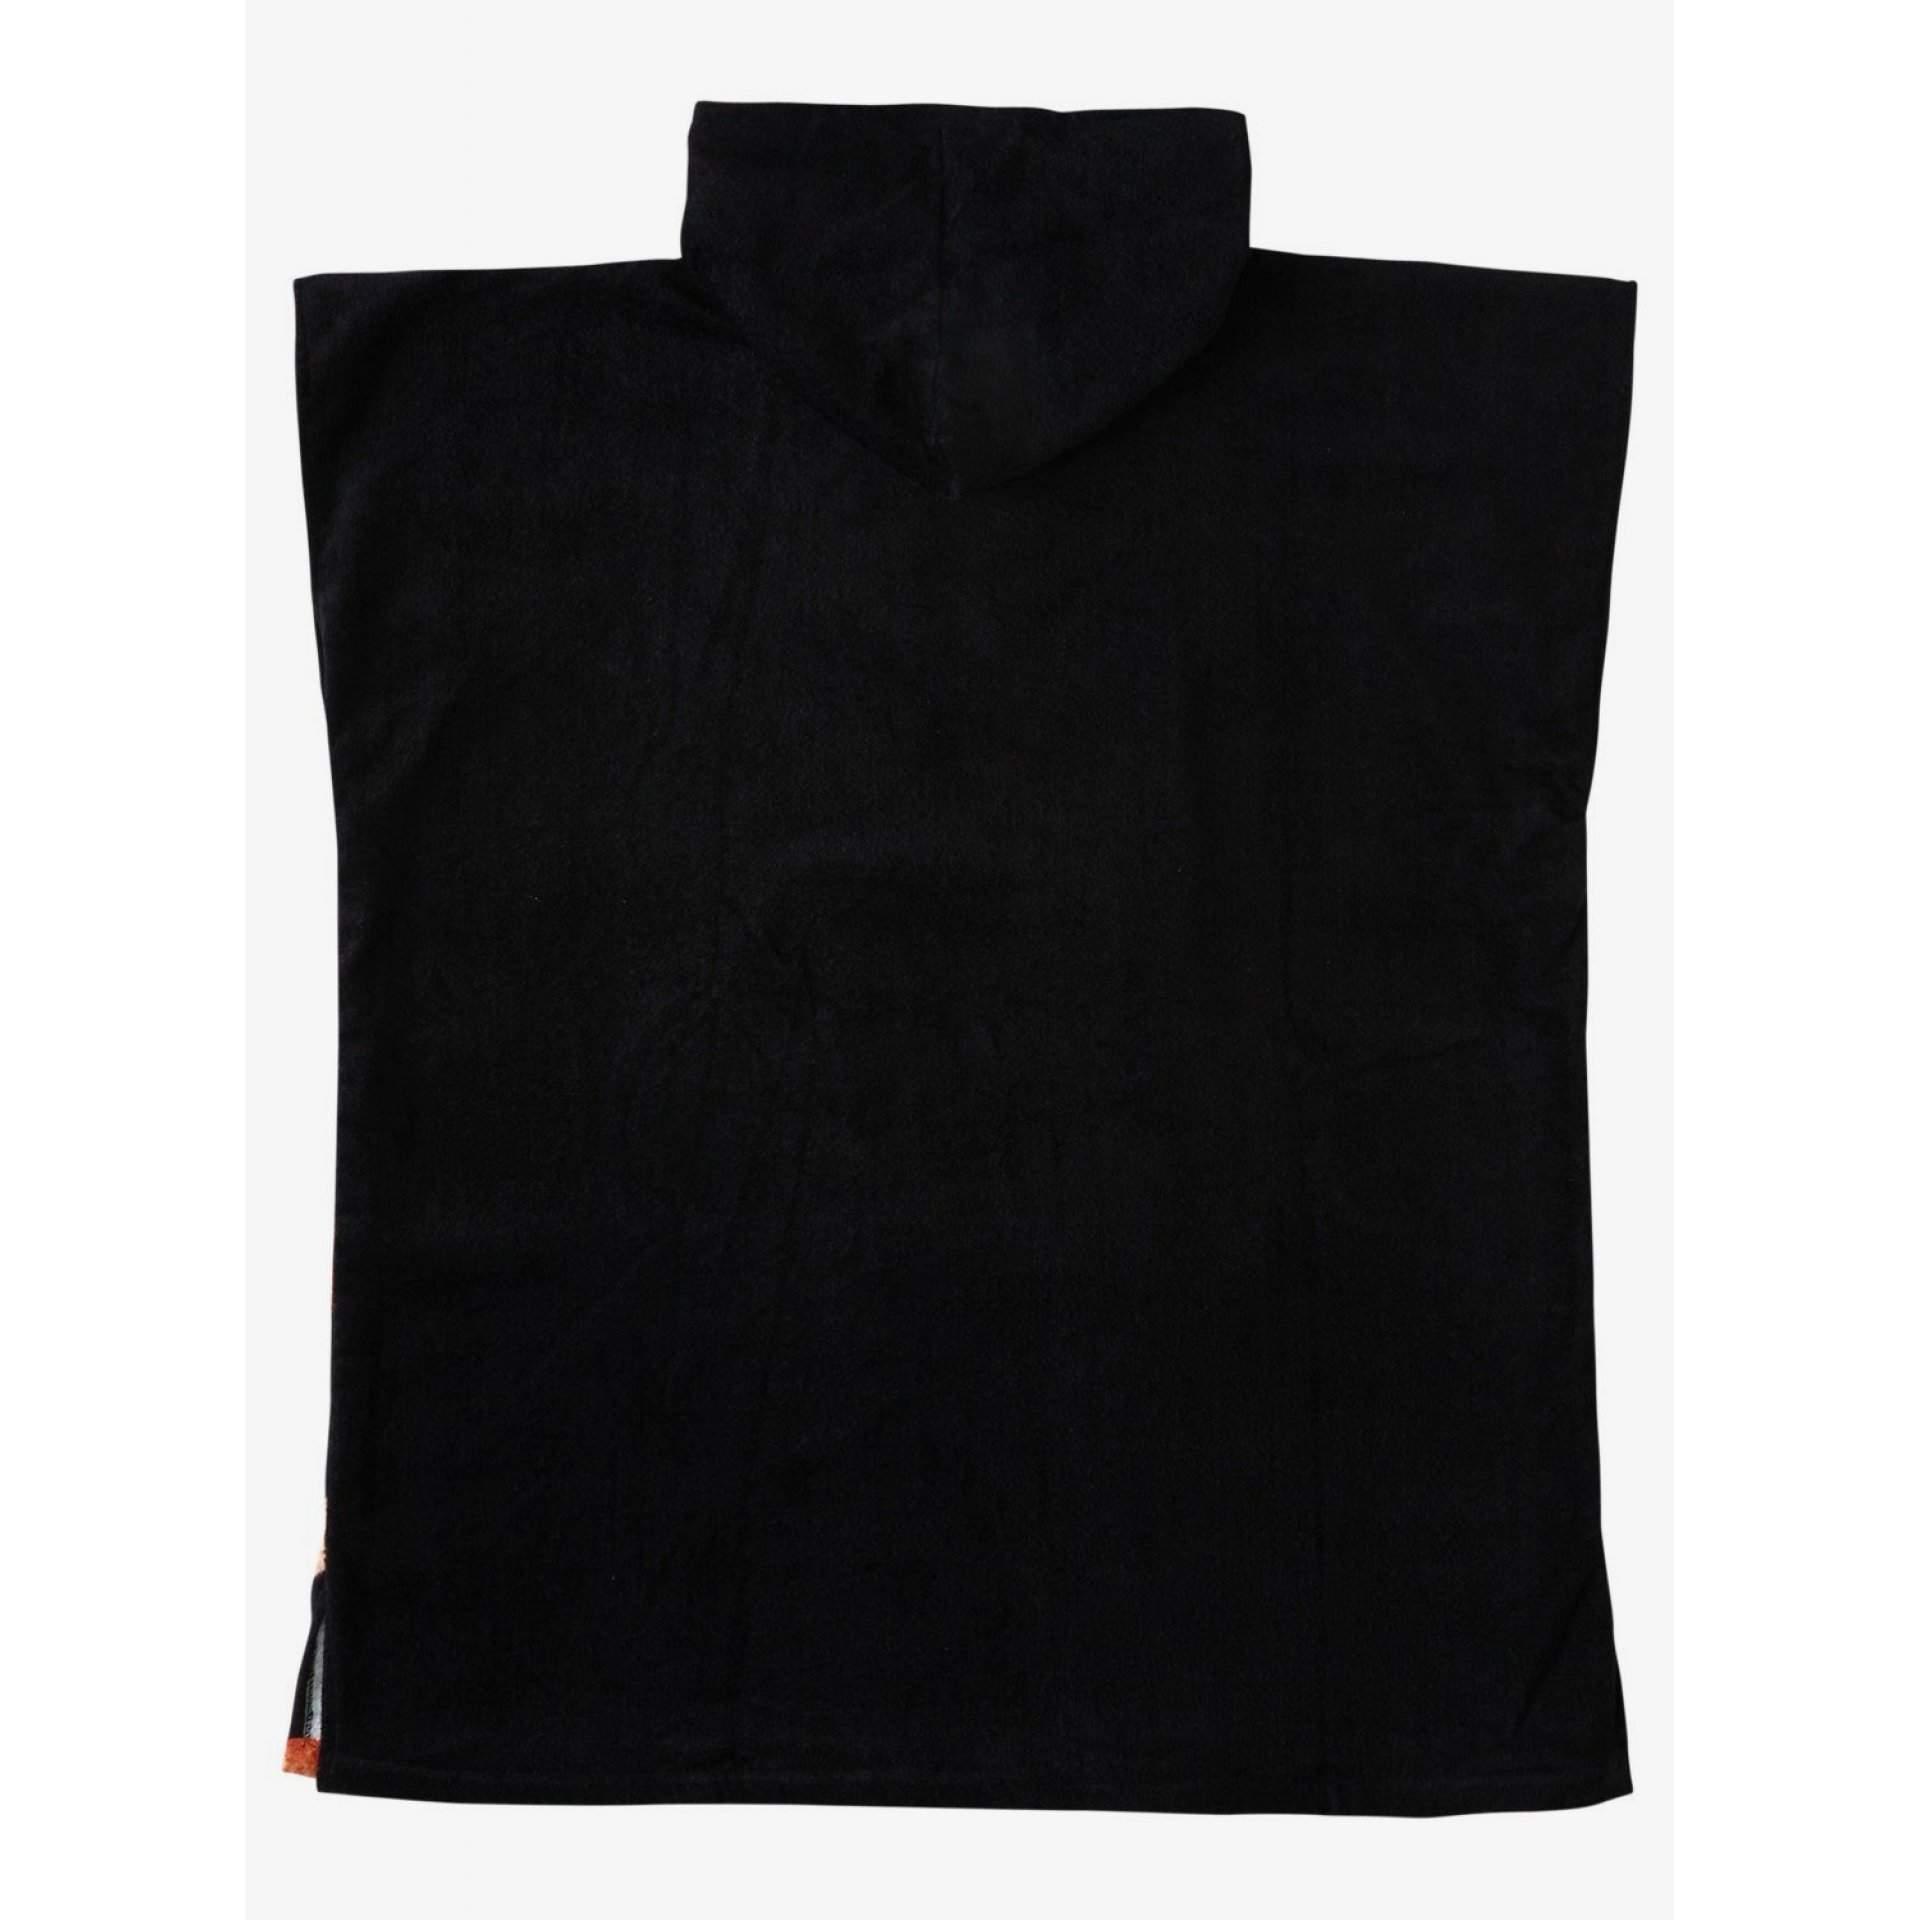 PONCHO RĘCZNIK QUIKSILVER HOODY TOWEL YOUTH AQBAA03033 KVJ0 Z TYŁU